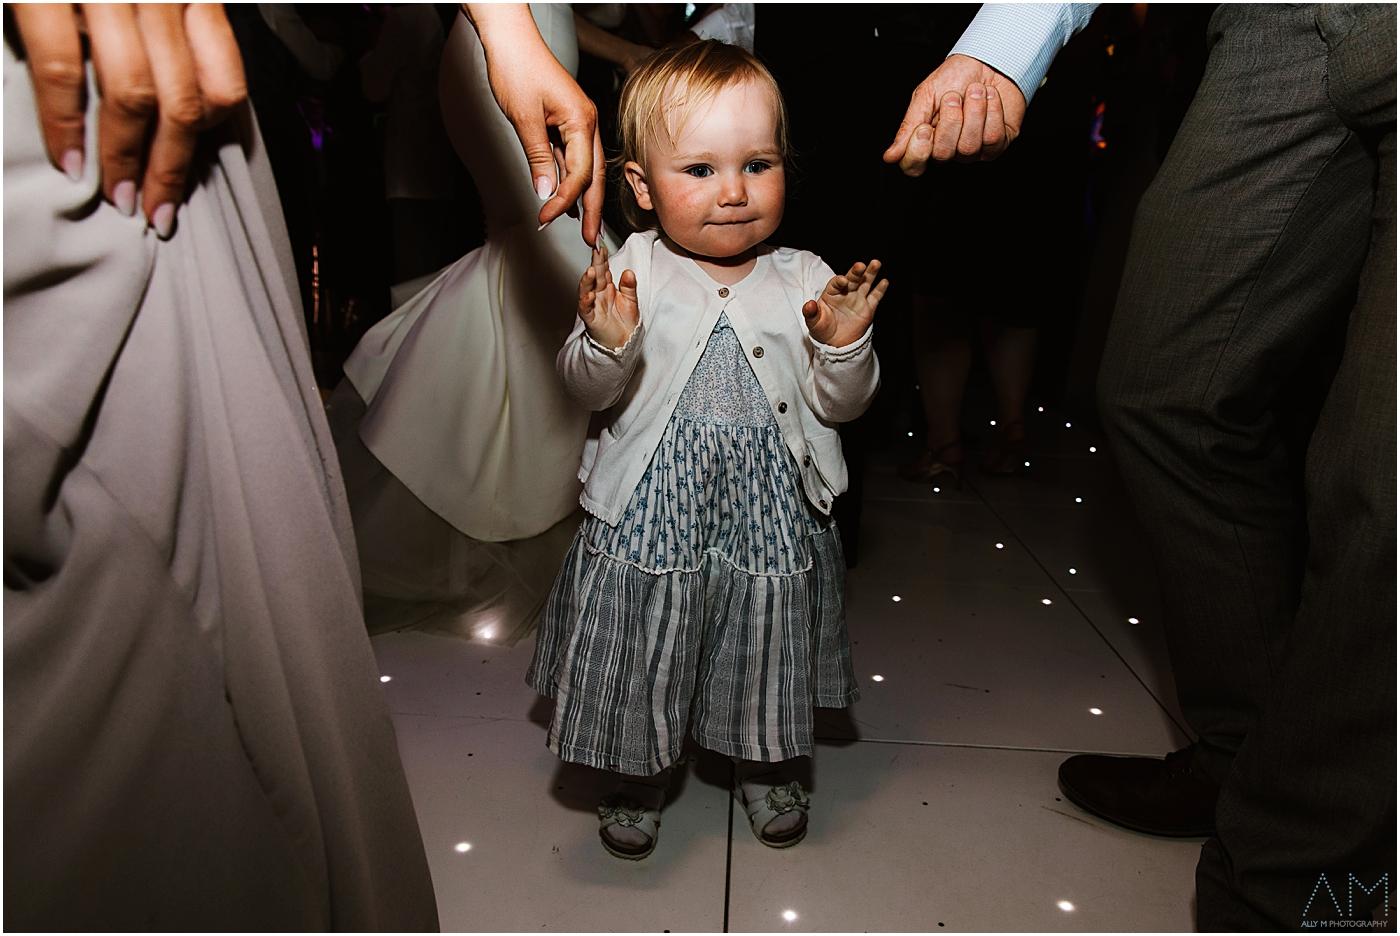 little girl on the dance floor